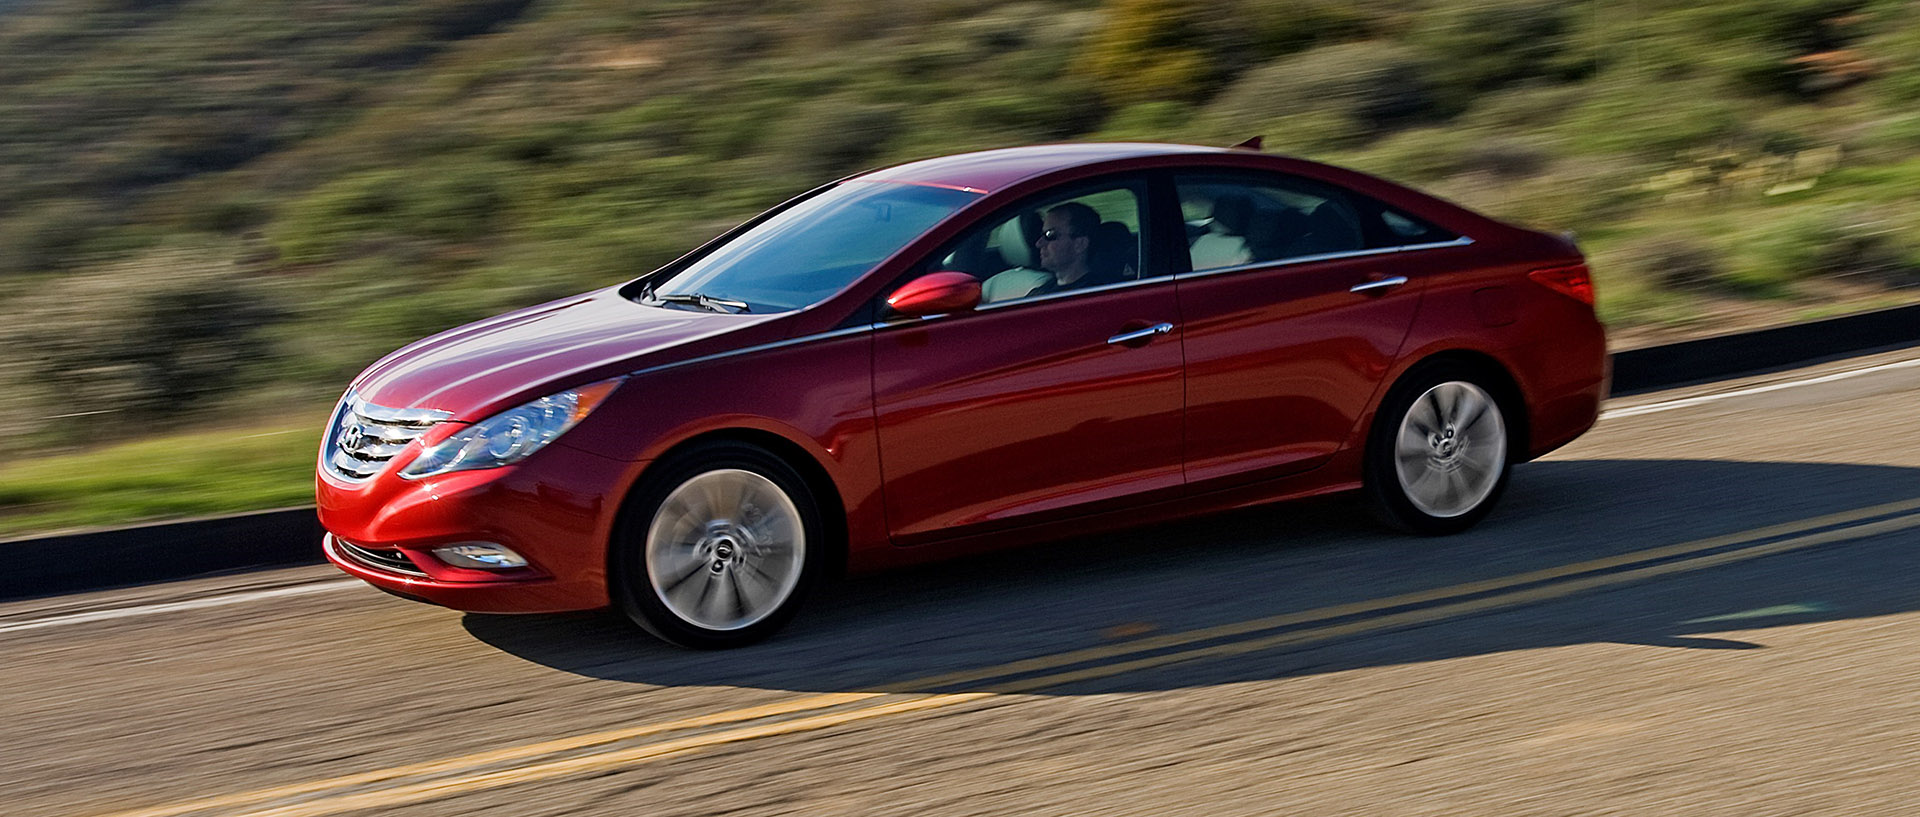 Hyundai Sonata Engine Failures Prompt Recall Consumer